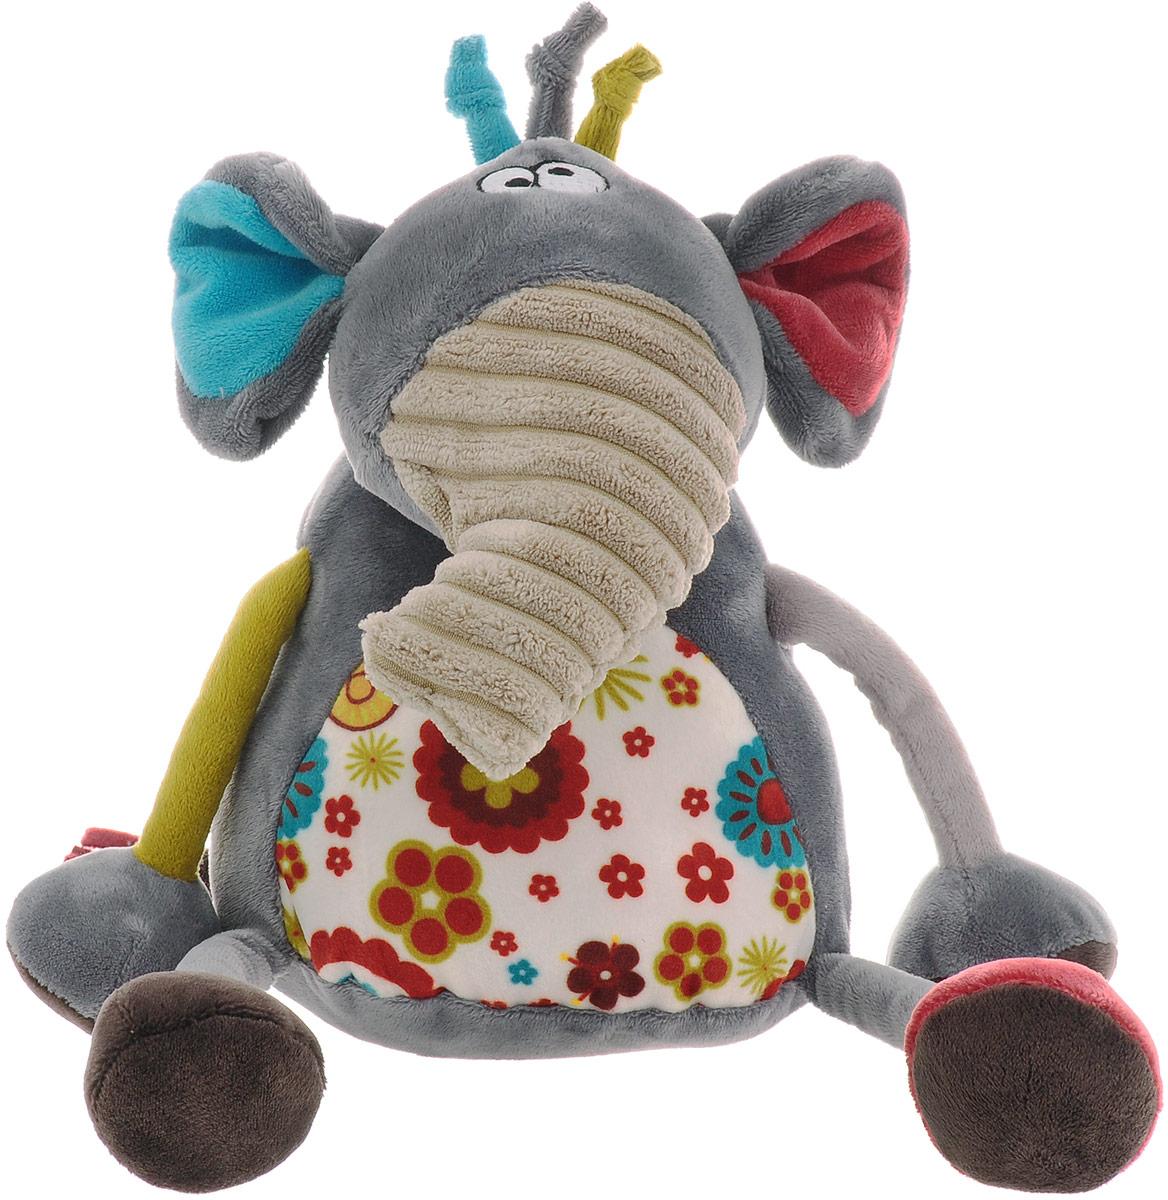 Gulliver Мягкая игрушка Слоник Робби 22 см мягкие игрушки gulliver игрушка овечка с красным сердечком 22 см